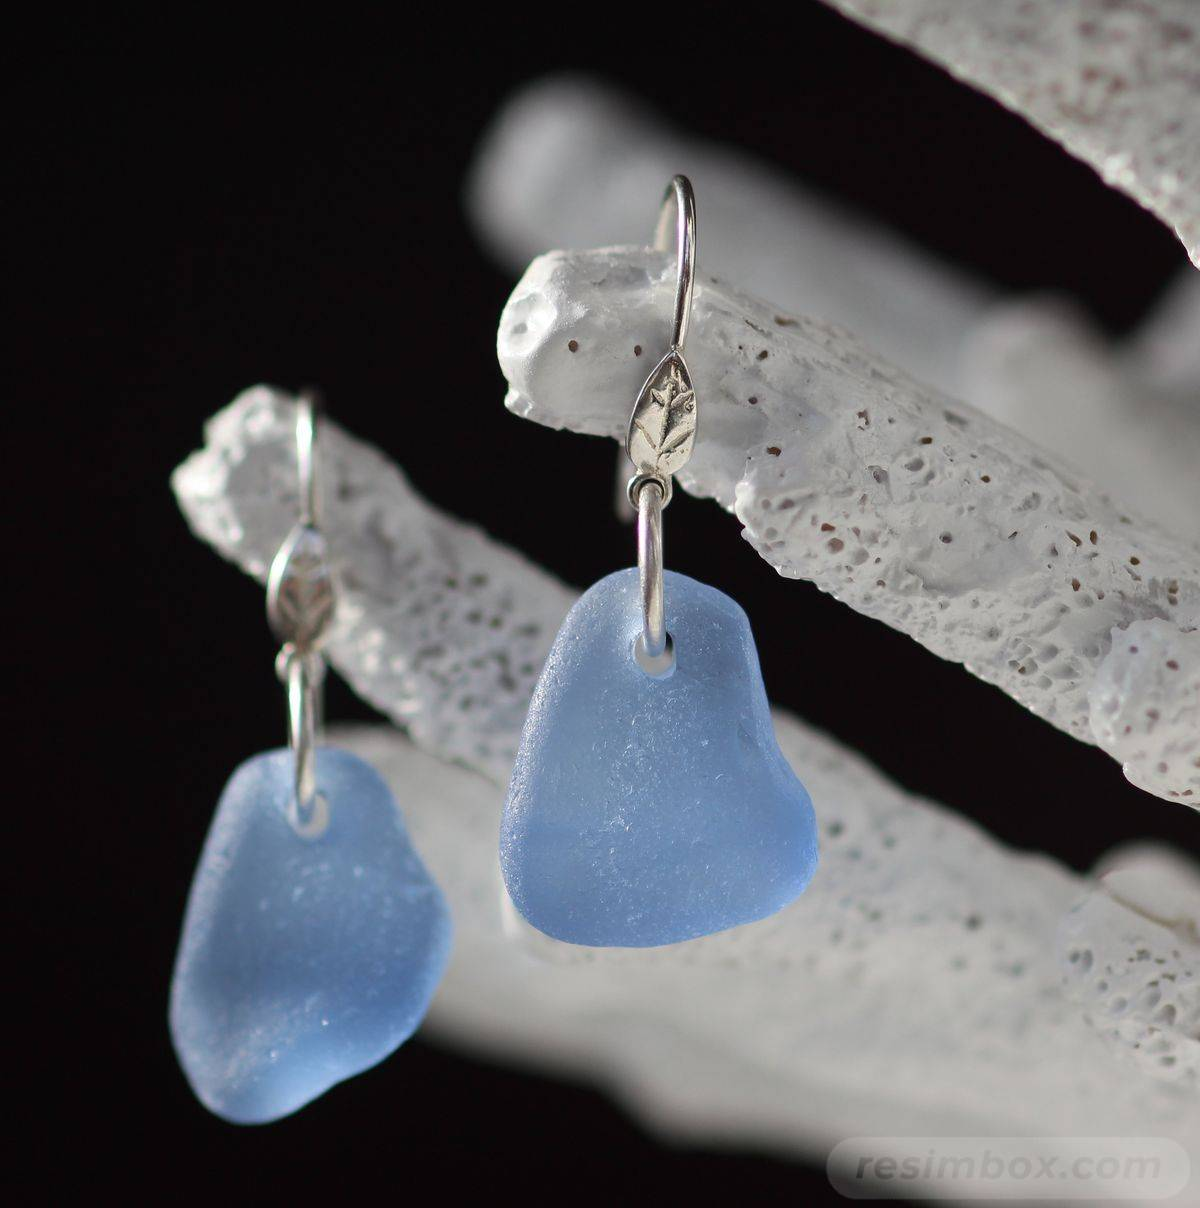 Beach glass jewelry-302374562480736393